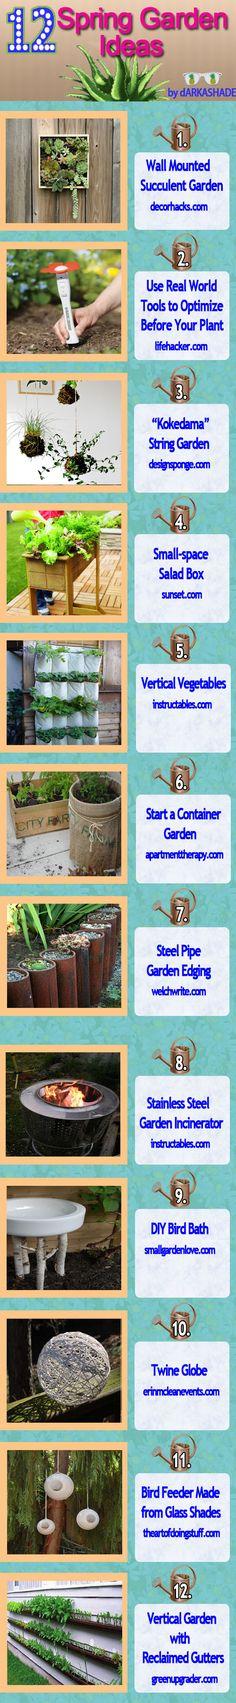 12 Spring Garden Ideas